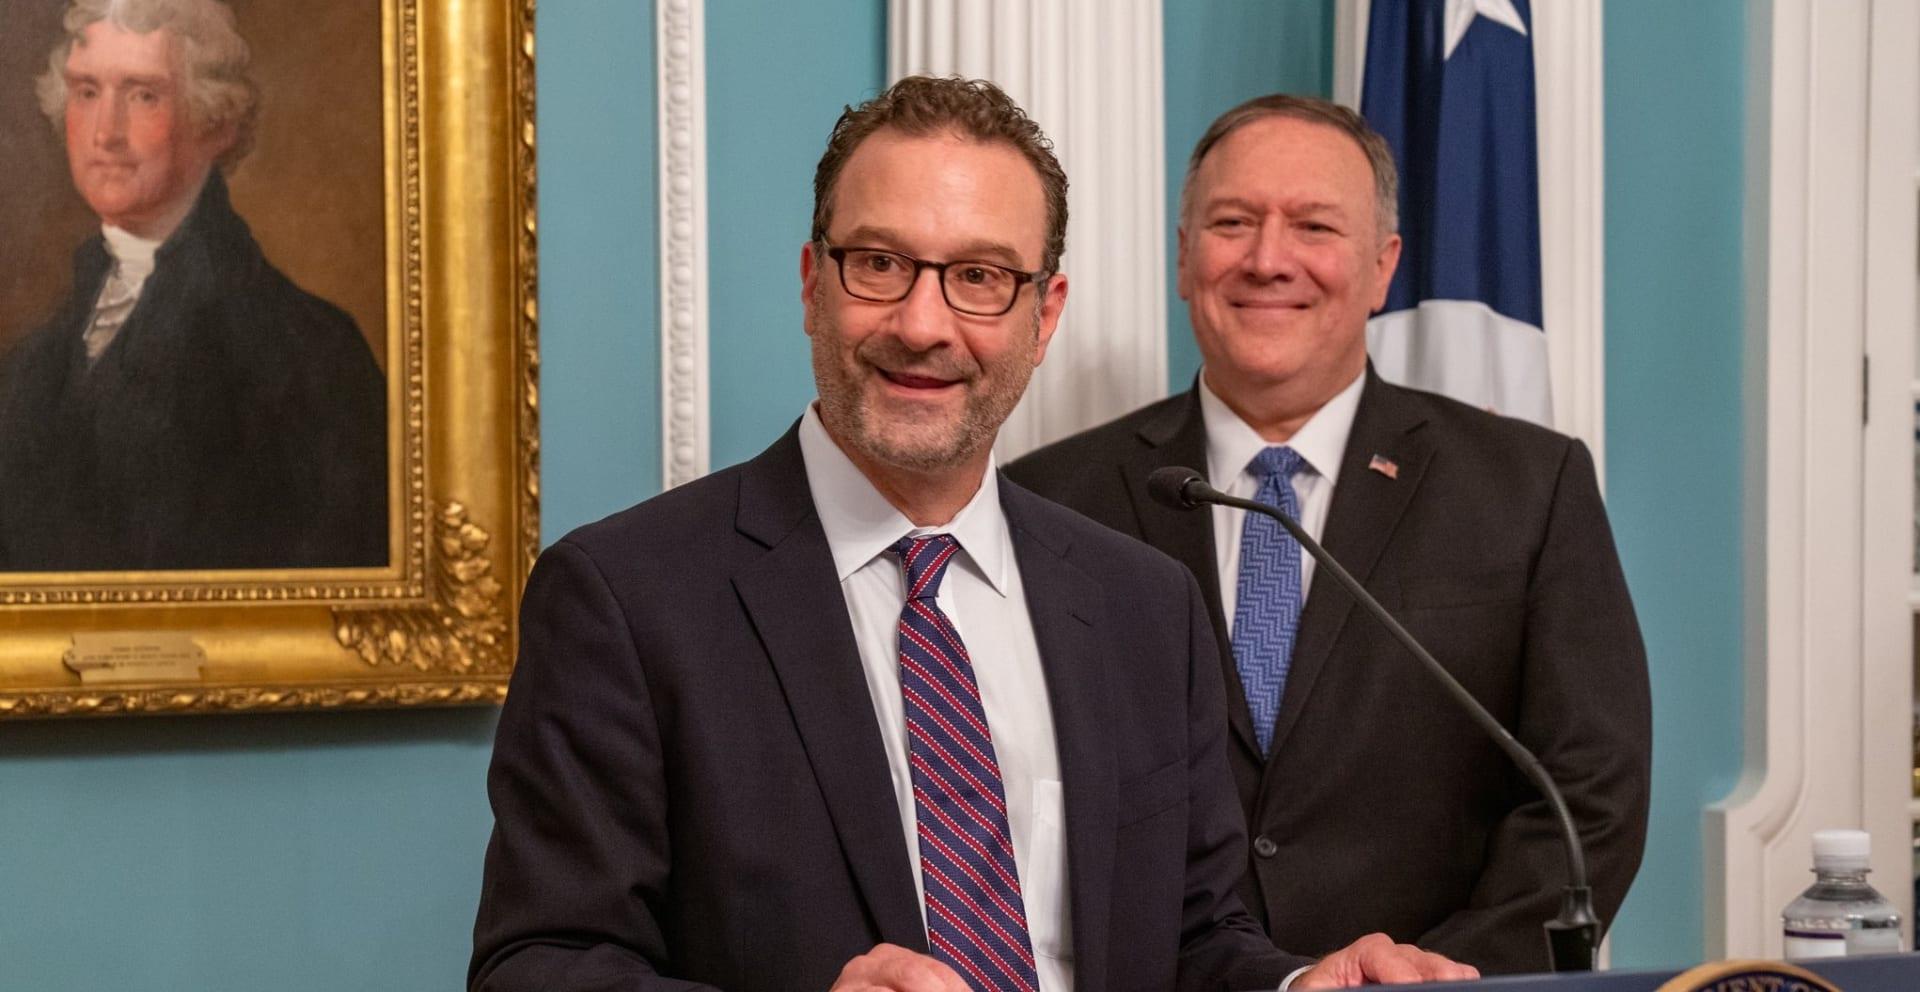 ديفيد شينكر مساعد وزير الخارجية الأمريكي لشؤون الشرق الأدنى